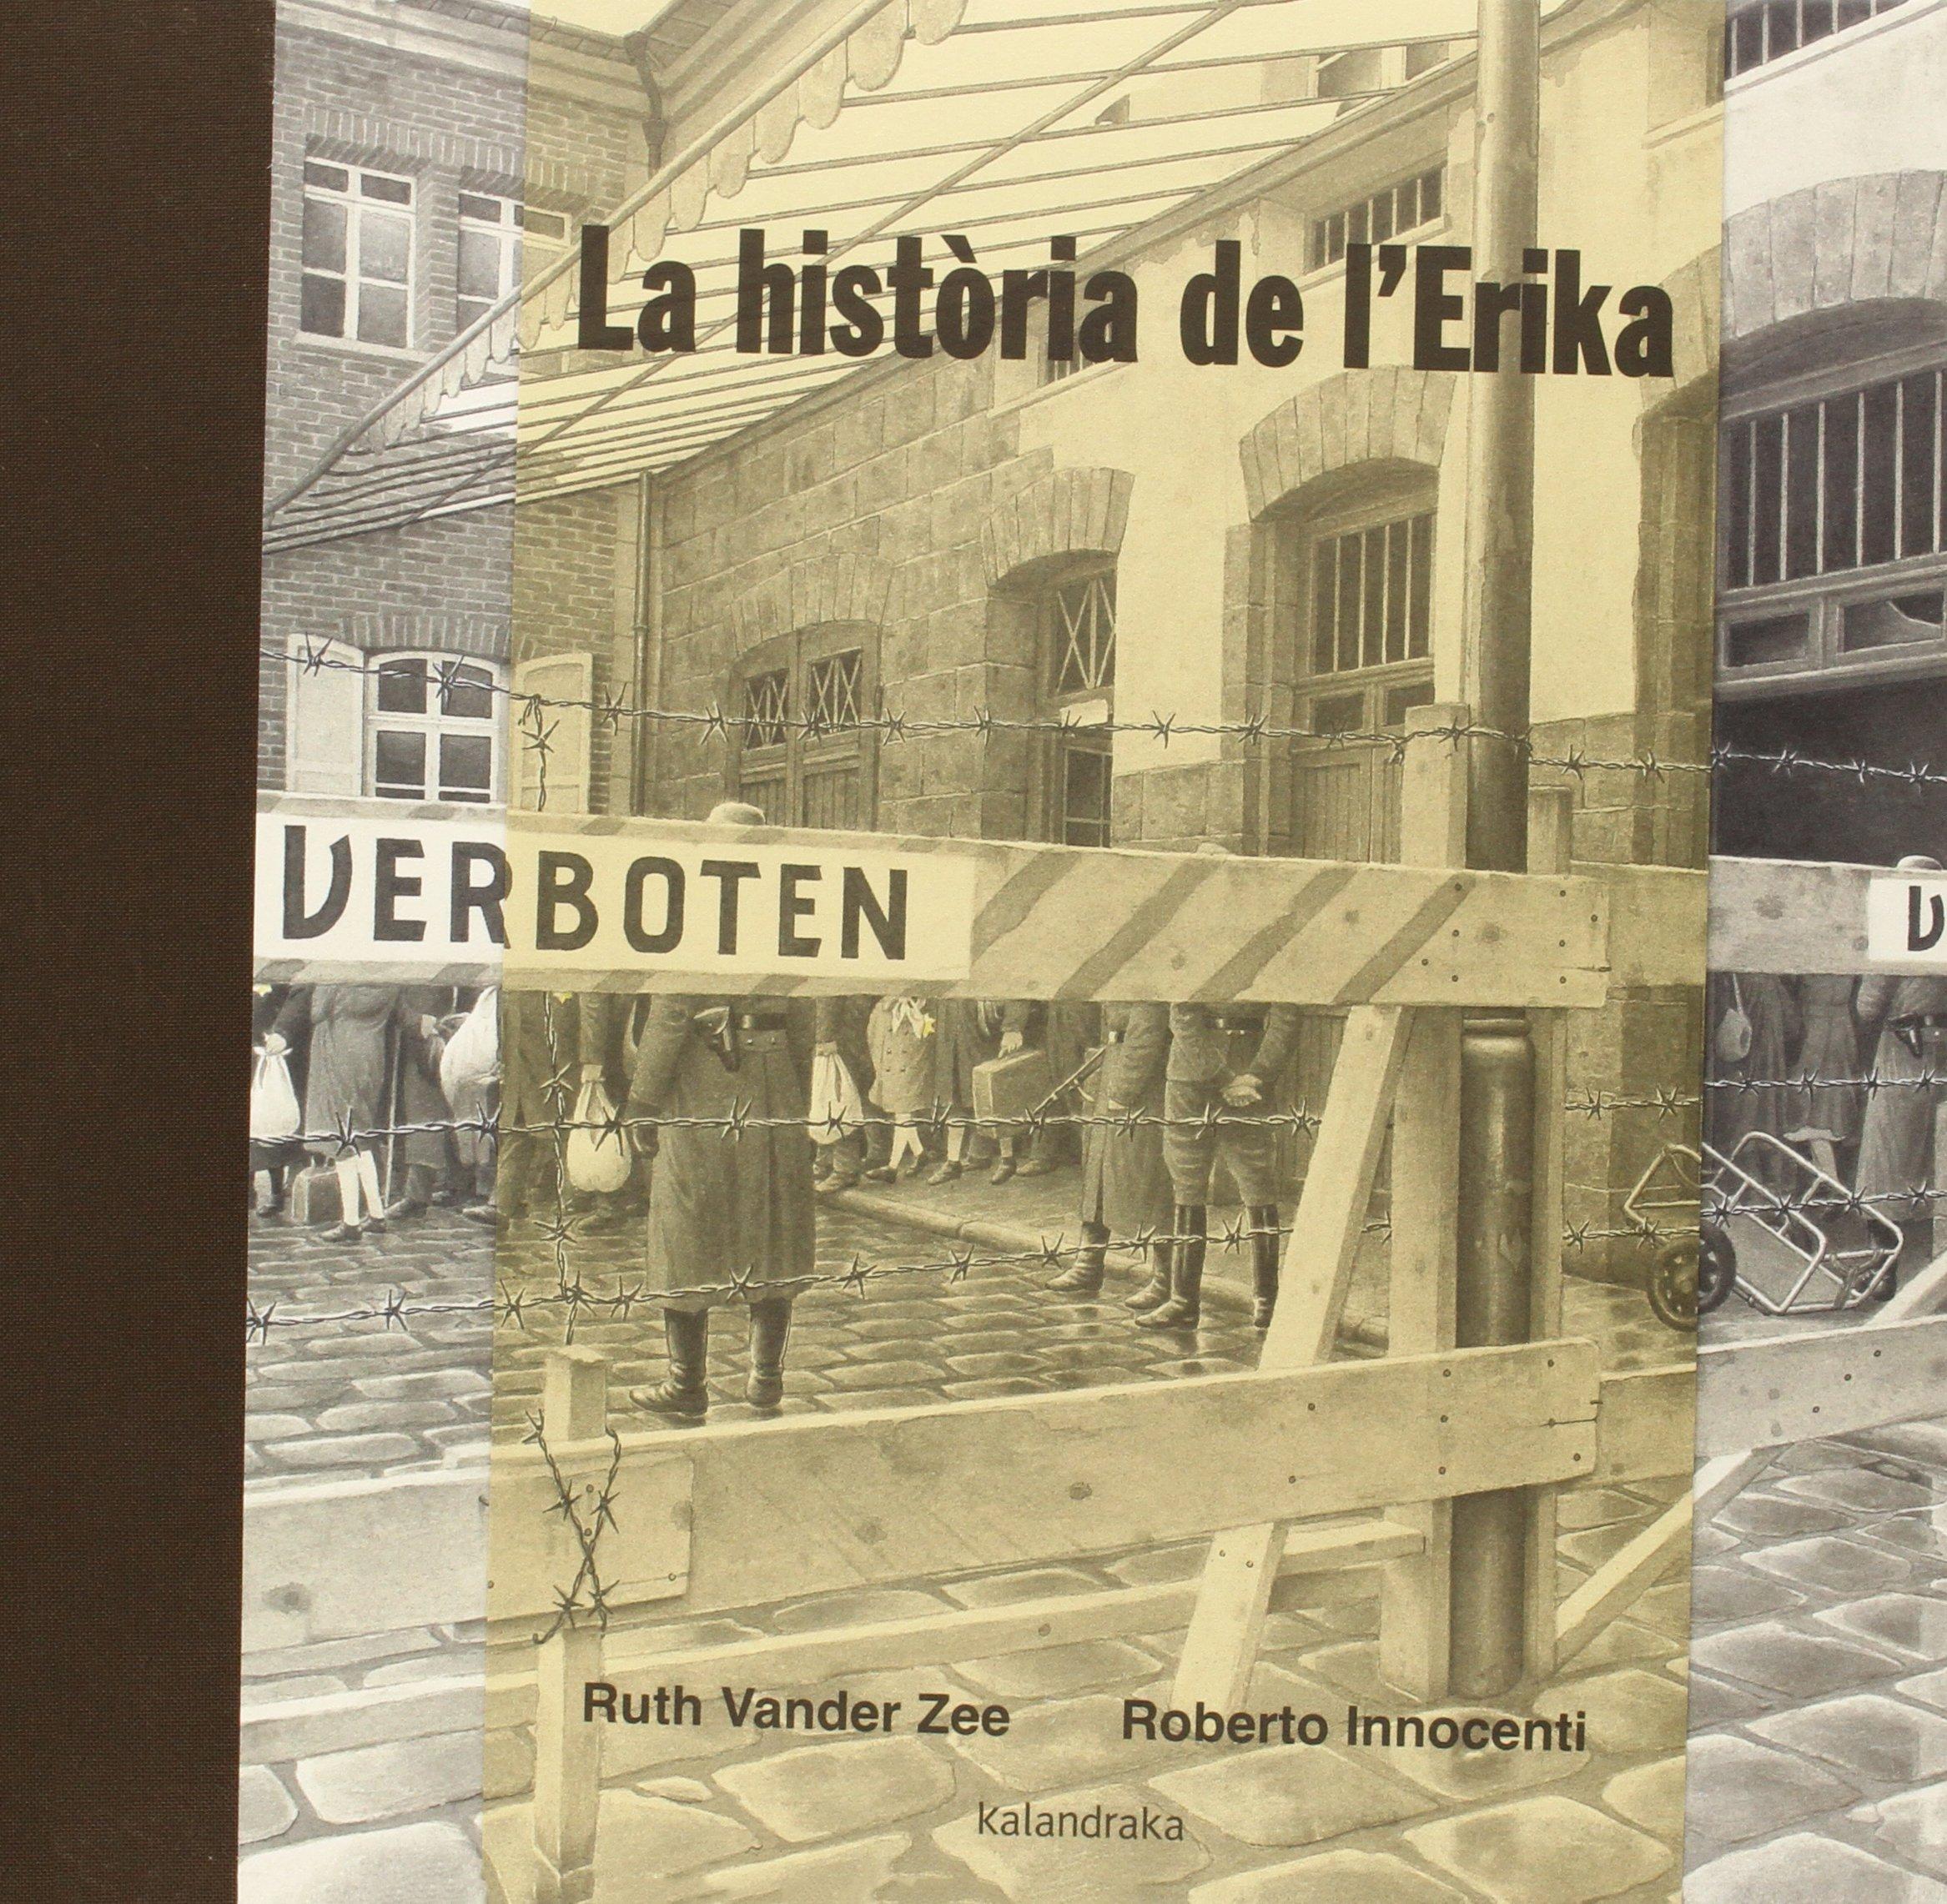 La història de lErika (Fora de col.lecció): Amazon.es: Vander Zee, Ruth, Innocenti, Roberto, Lucchetti, María: Libros